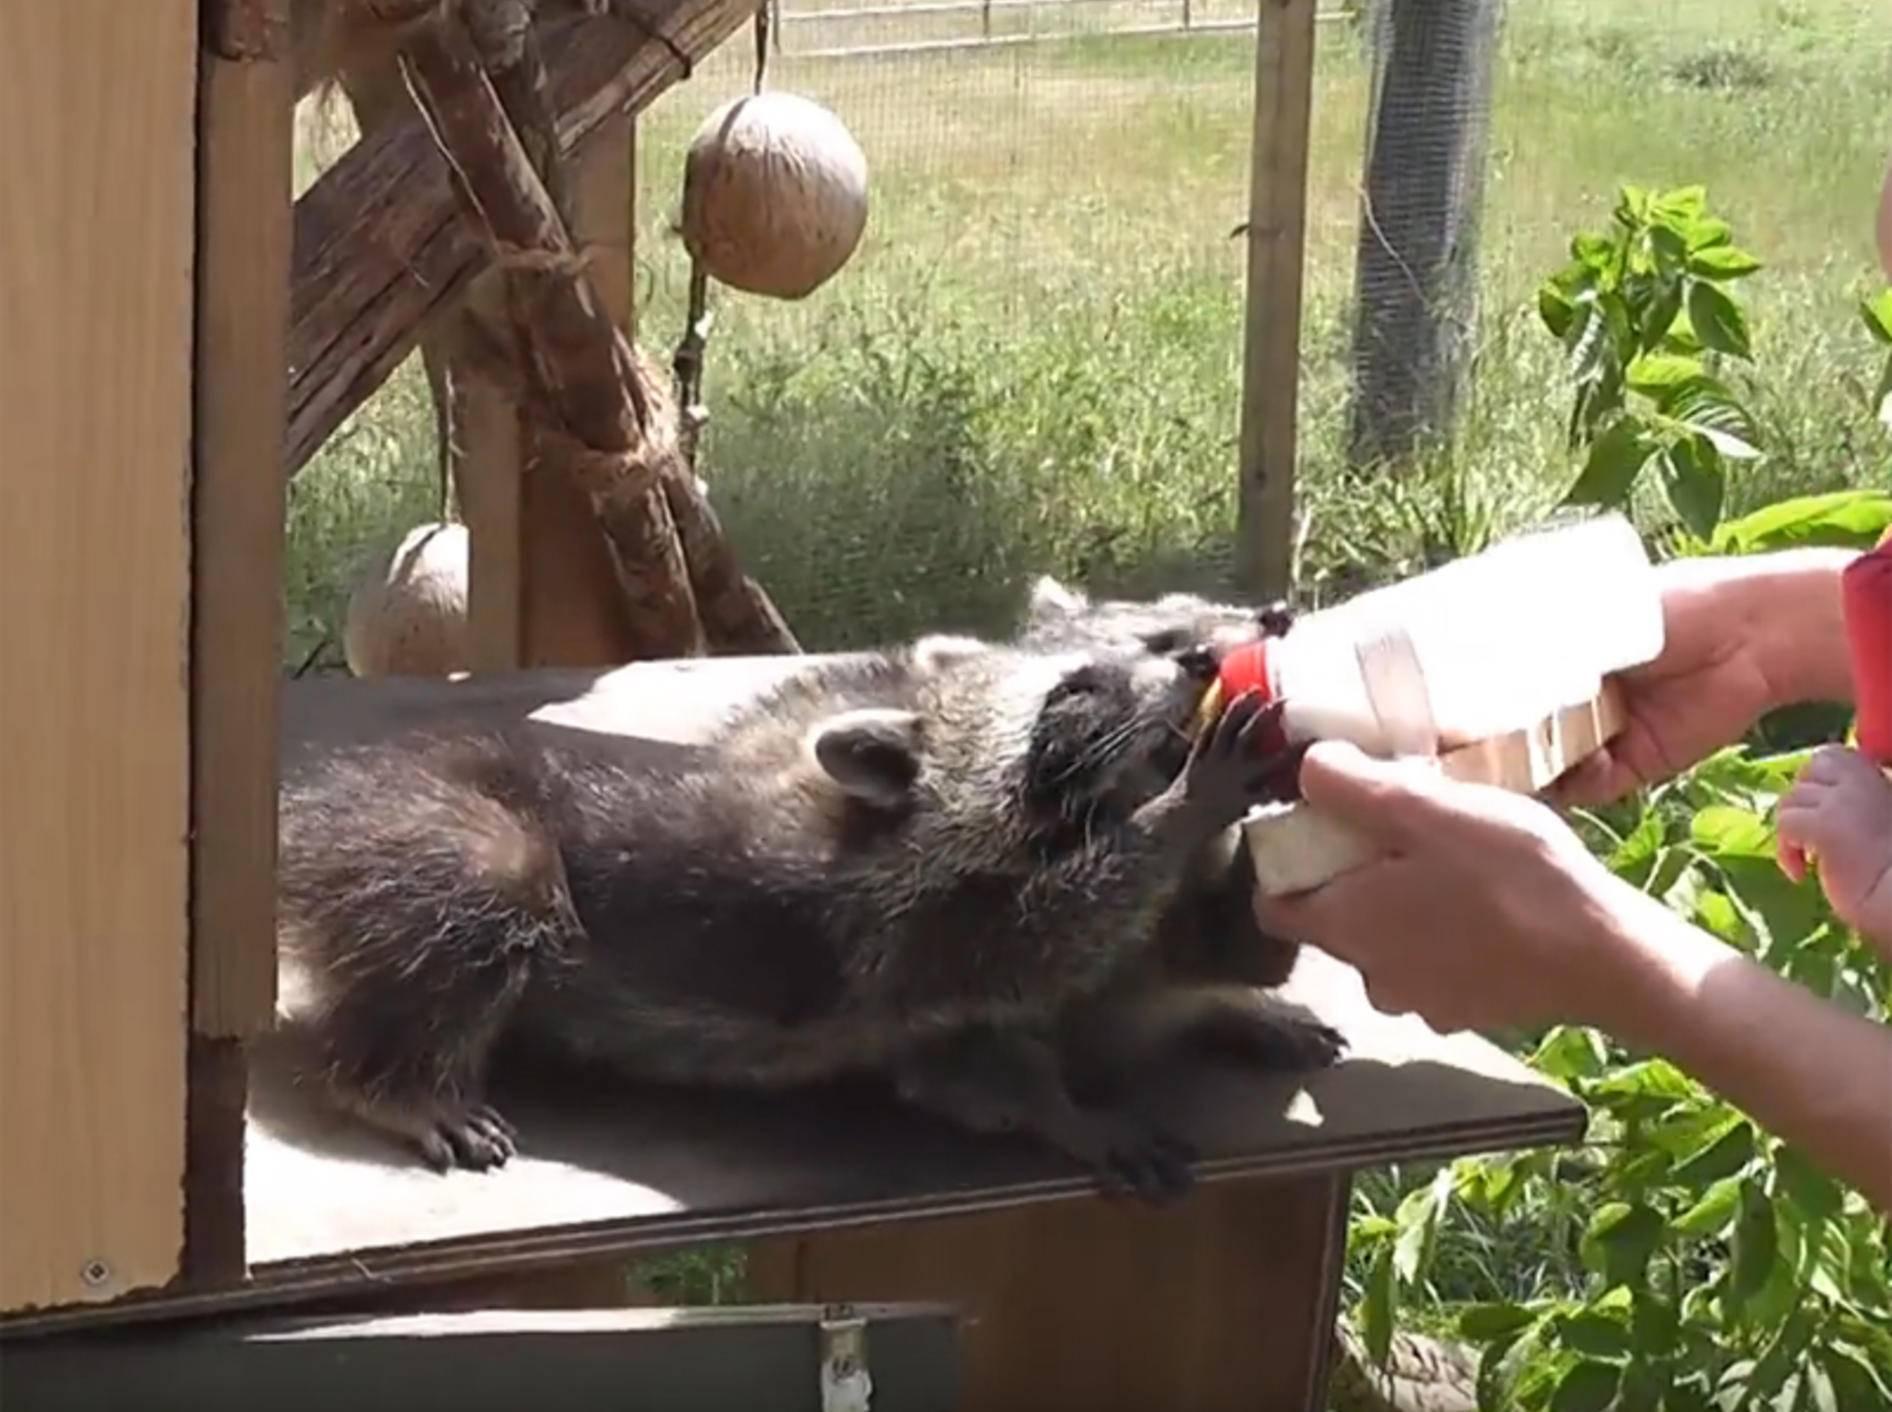 Quirlige Waisenwaschbärenbande wird liebevoll aufgepäppelt – YouTube / mbhsug